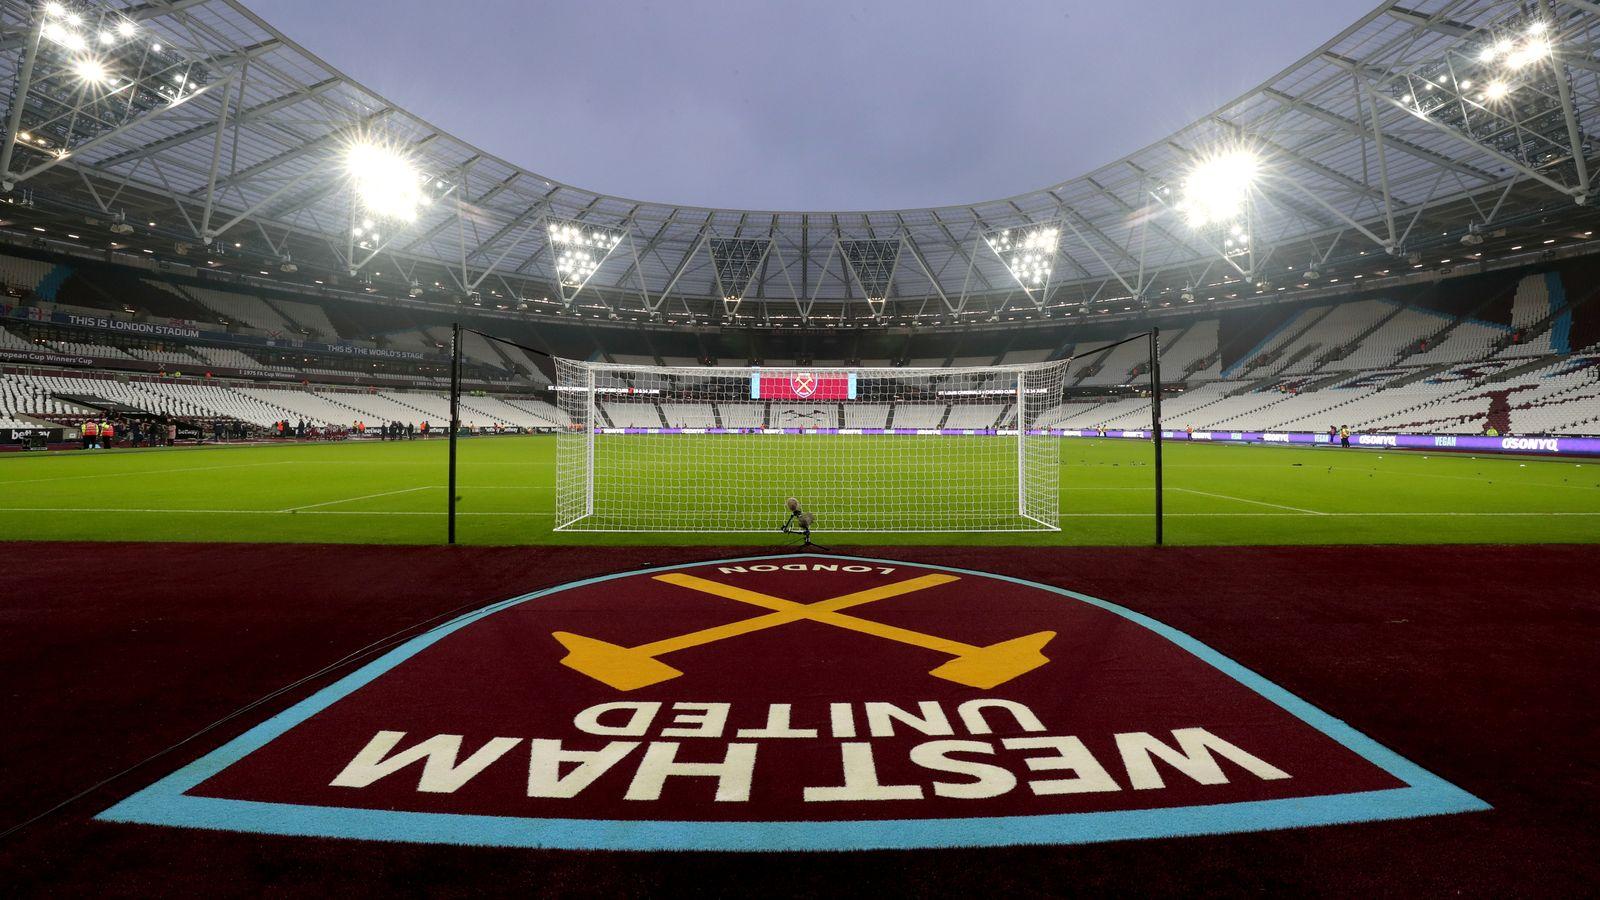 Ocho West Ham tienen síntomas de coronavirus, revela el vicepresidente Karren Brady | Noticias de futbol 58